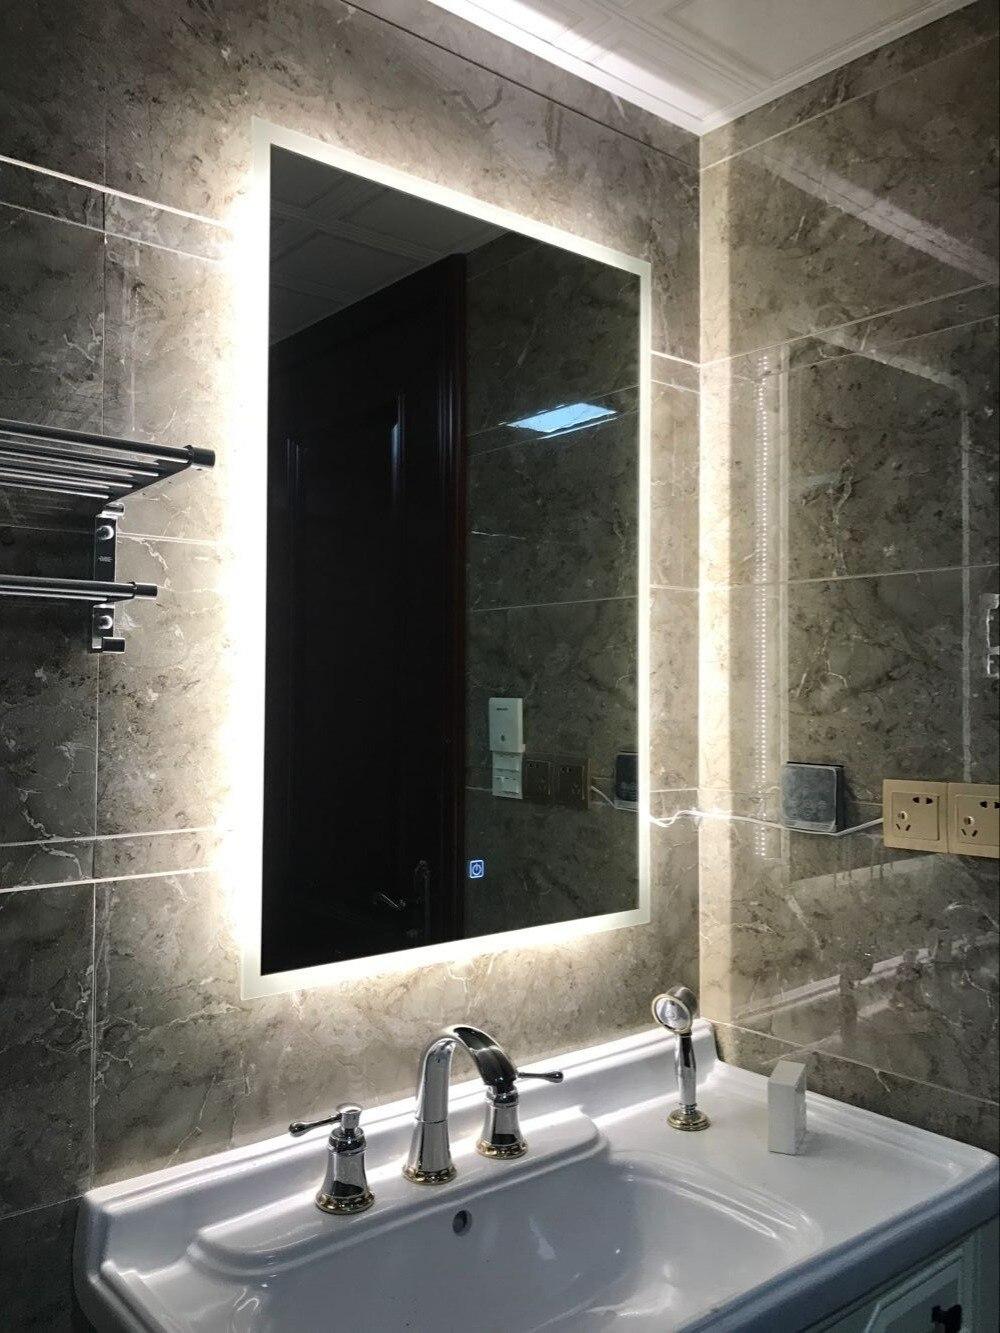 Bathroom Vanity Light Diffuser popular bathroom light box-buy cheap bathroom light box lots from